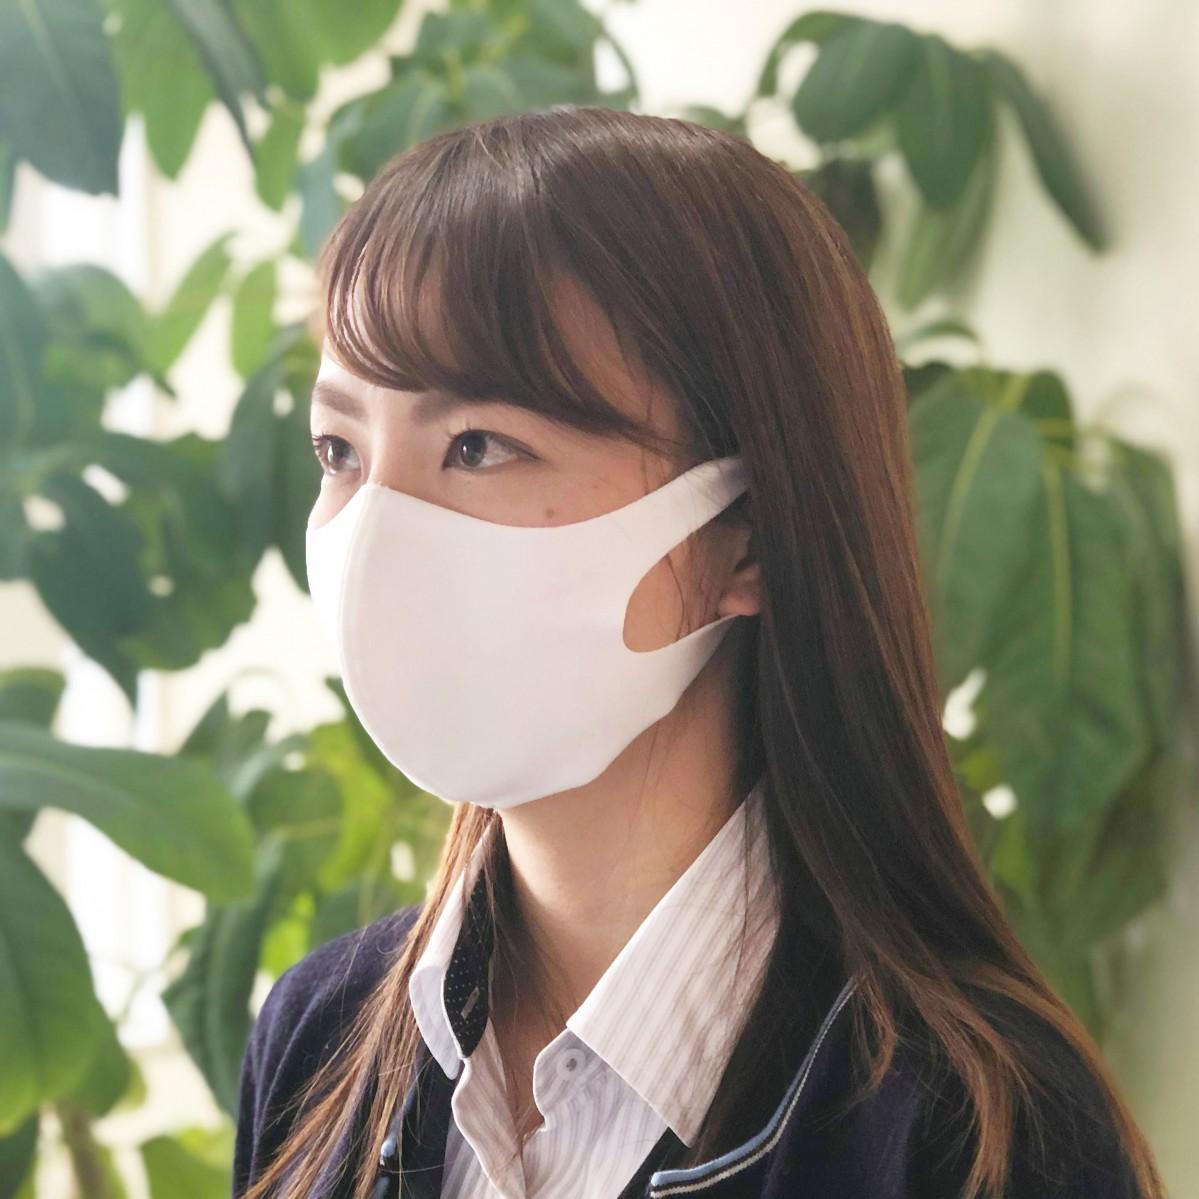 TAKUMIBAが作った「洗える超伸縮フィットマスク」着用イメージ。16日には数万枚を用意したが、4月発送分まで完売した。